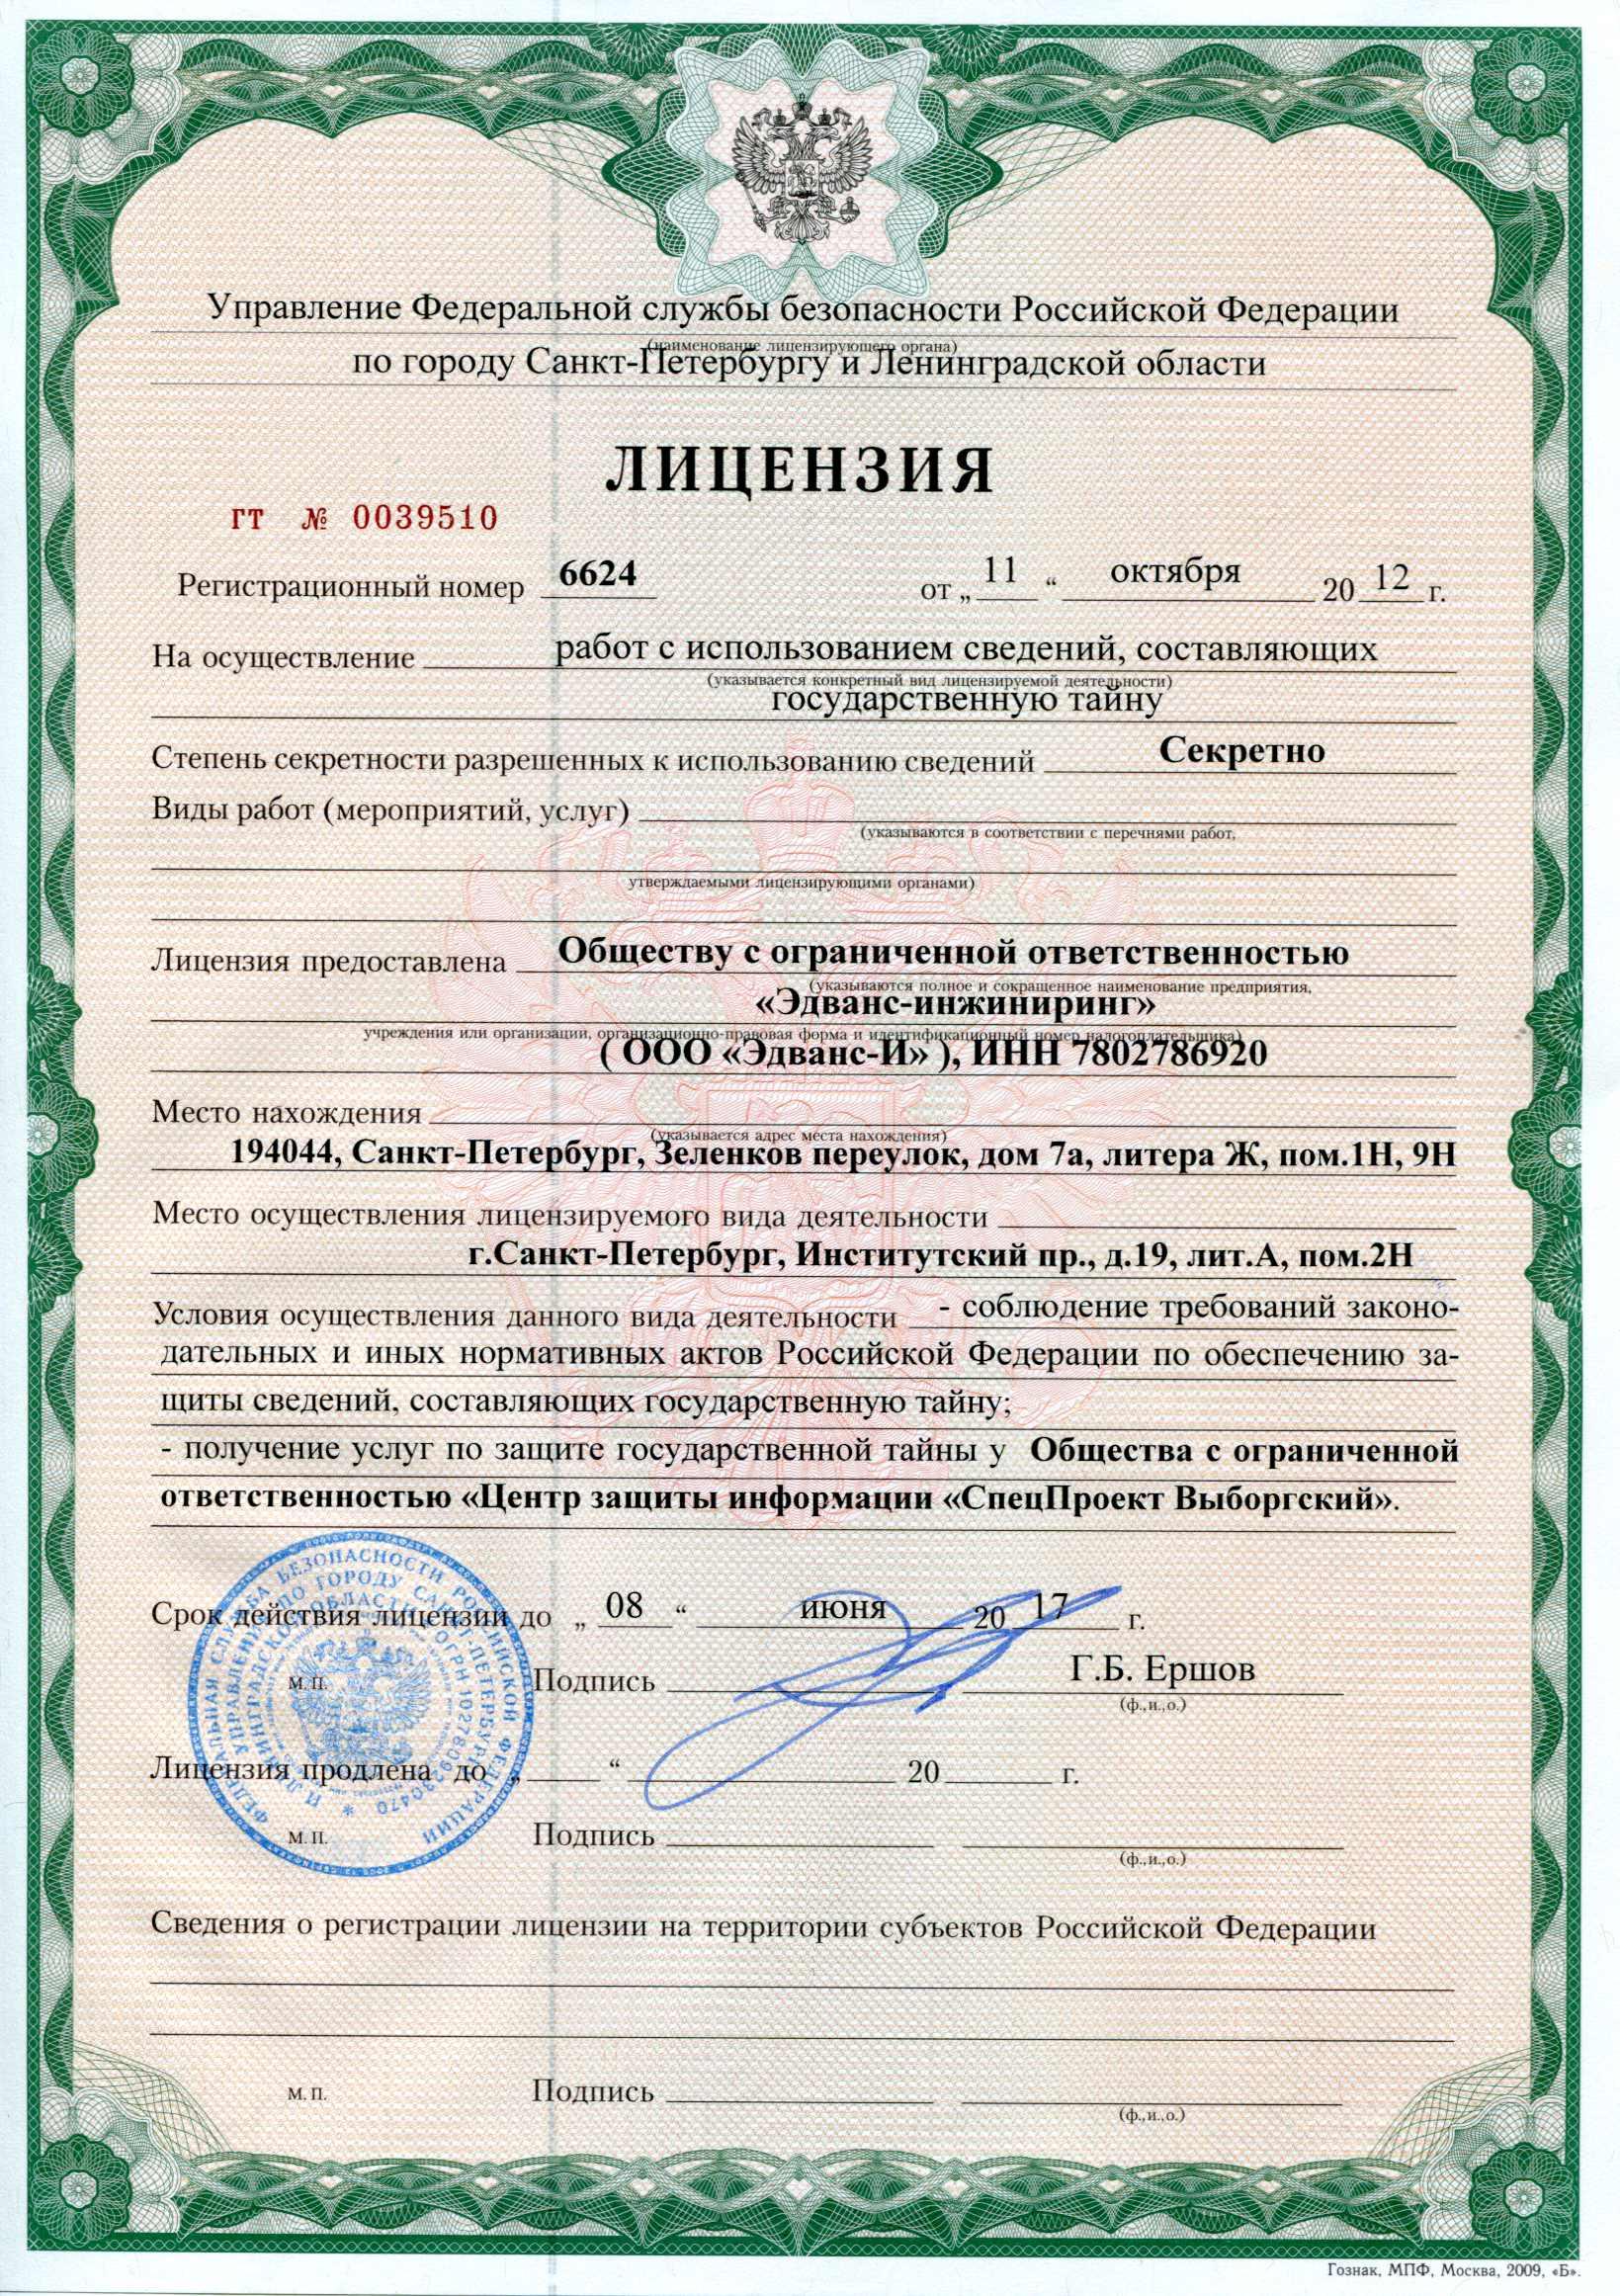 УФСБ РФ по СПб и ЛО